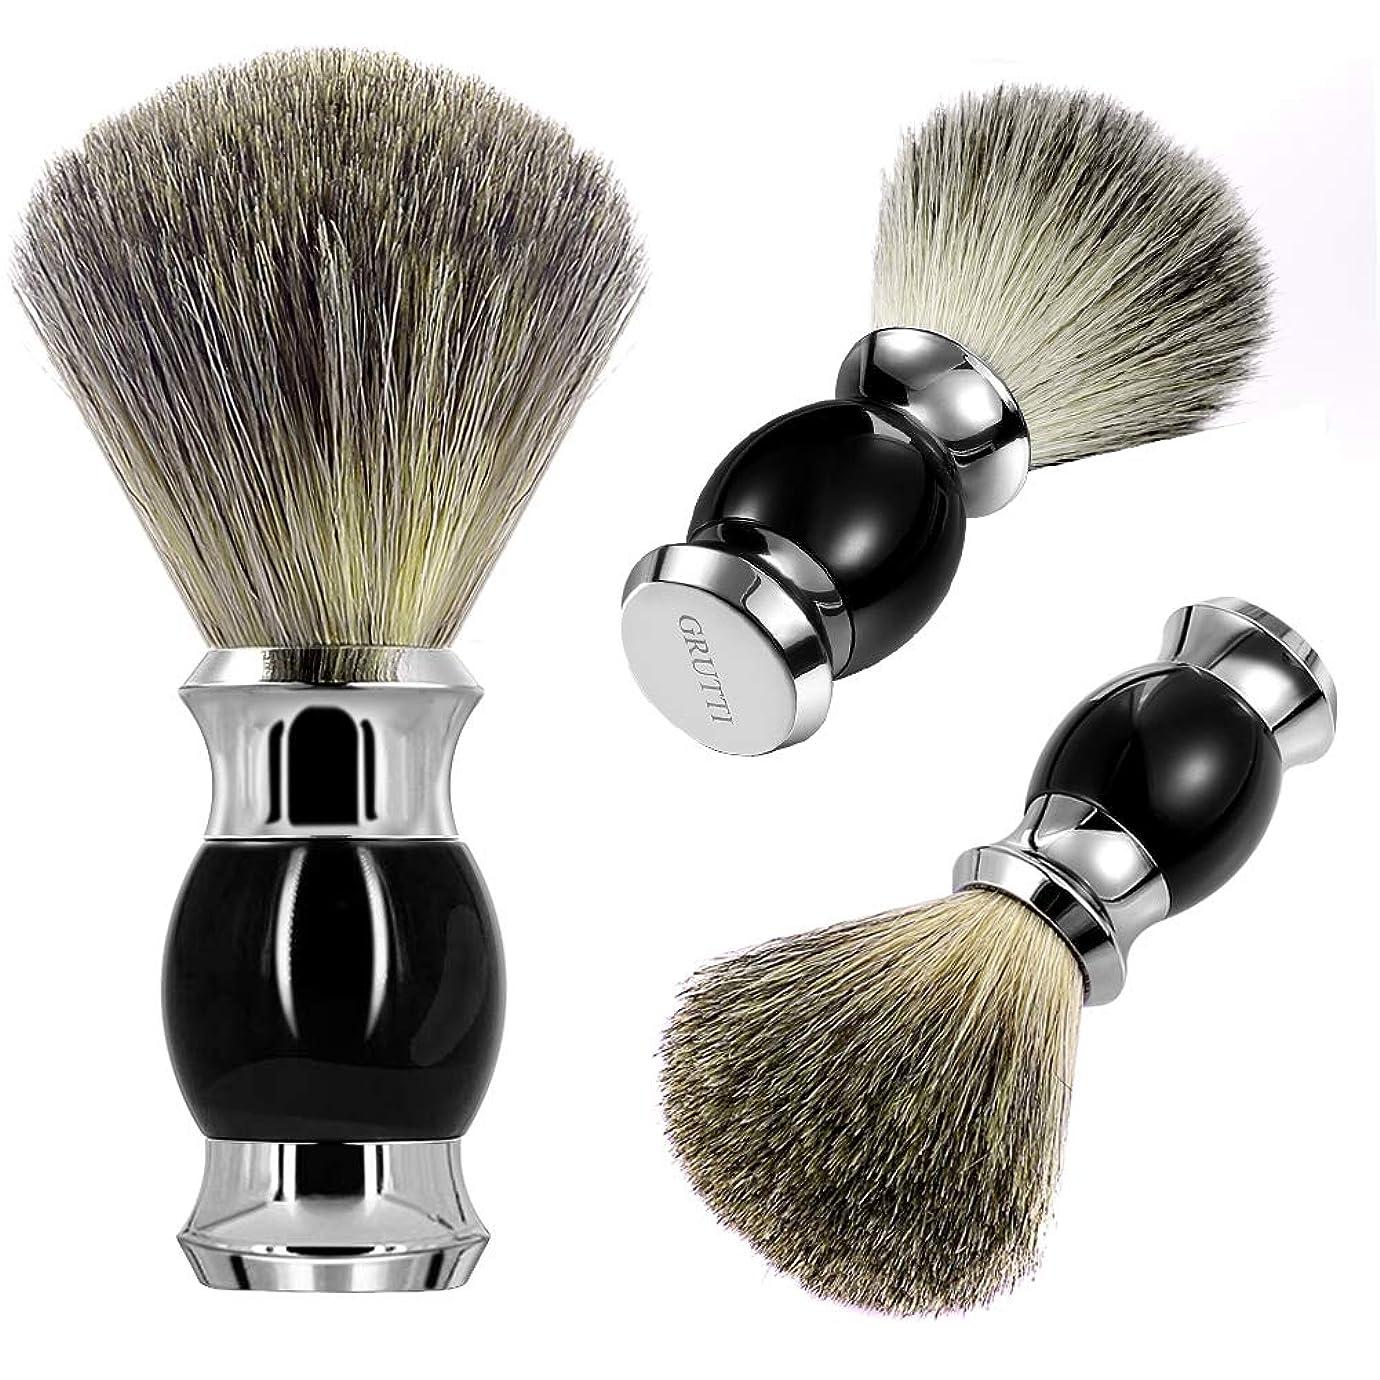 笑災難印刷するGRUTTI ひげブラシ シェービング ブラシ メンズ 100% アナグマ毛 理容 洗顔 髭剃り 泡立ち …